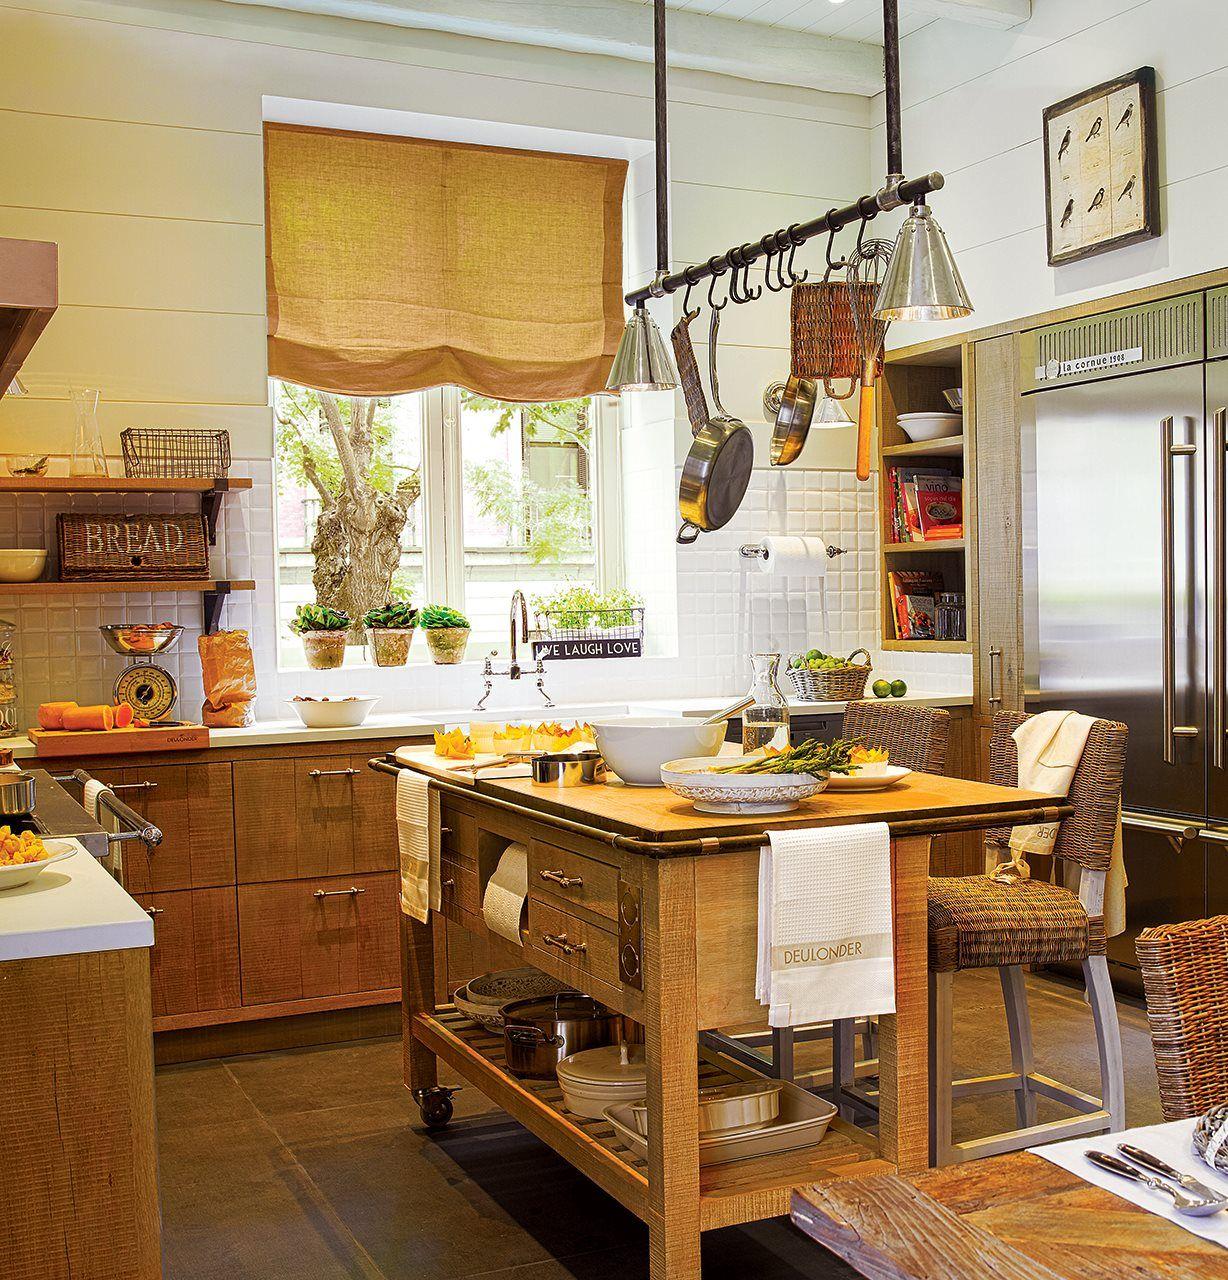 Una cocina de campo en la ciudad | Cocina de campo, En la ciudad y ...